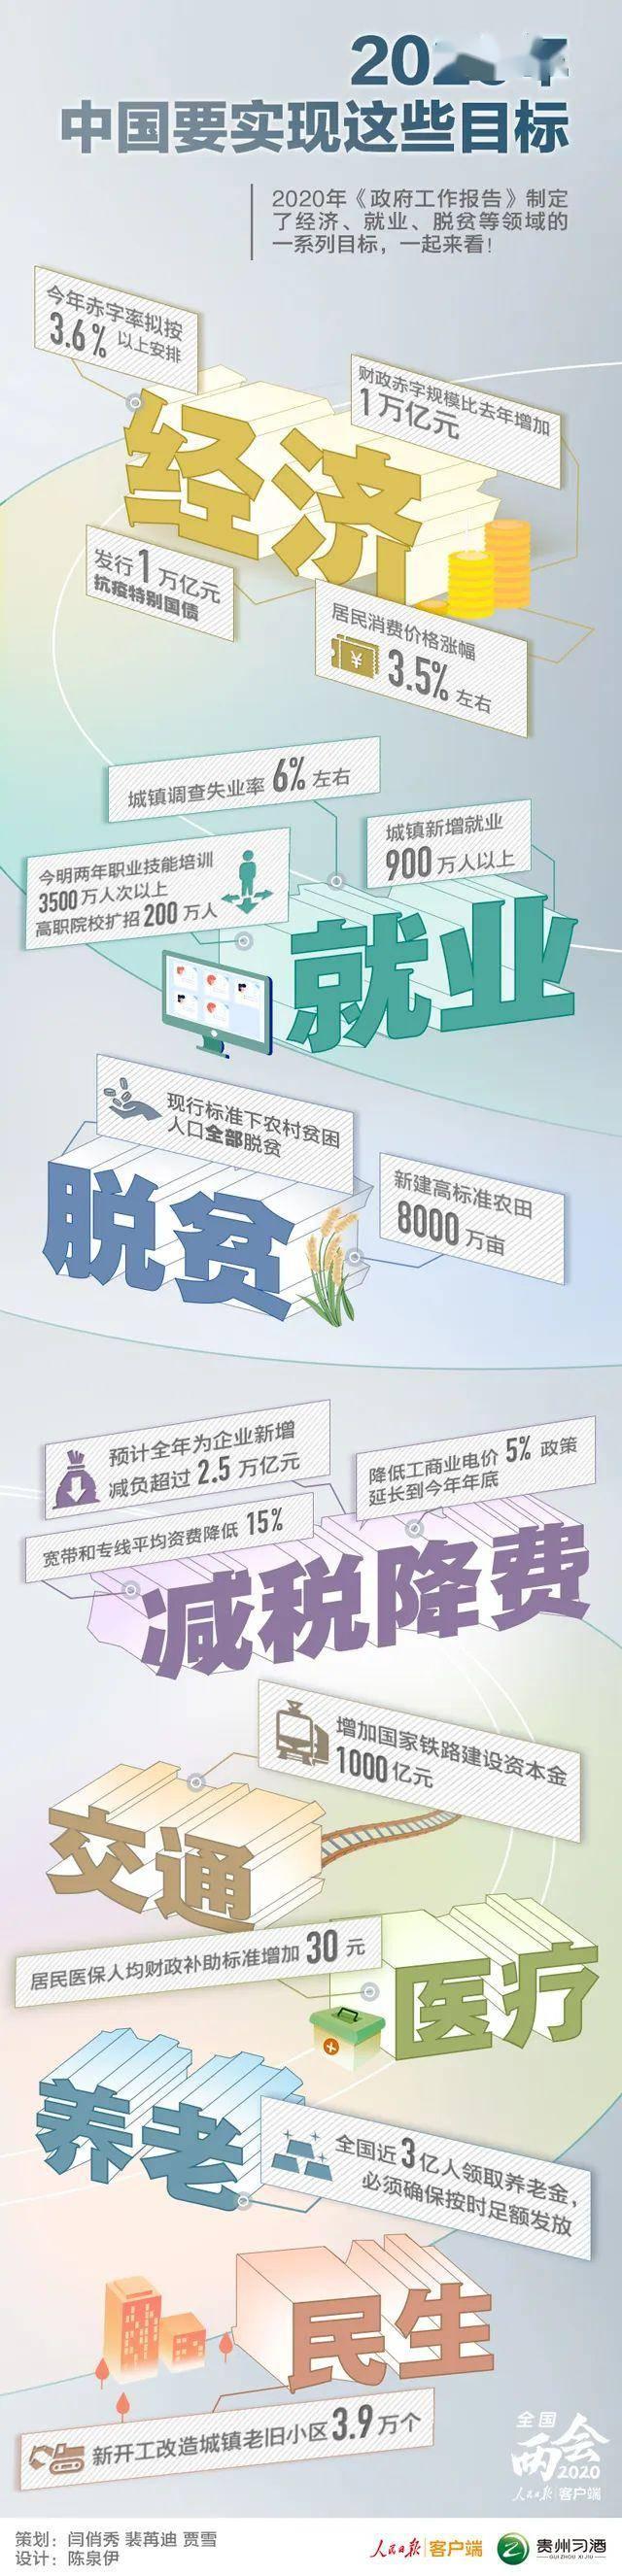 与你有关!2020年,中国要实现这些目标